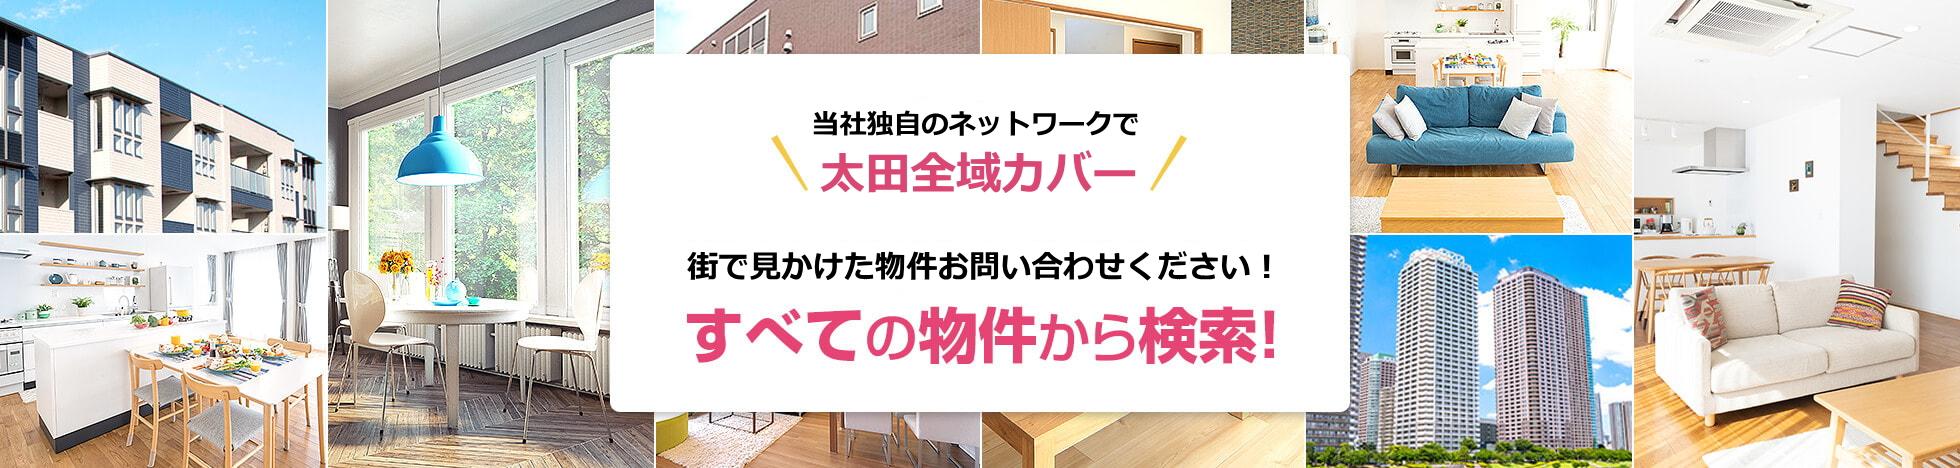 ホームメイト独自のネットワークにて、太田市全域の賃貸アパート・賃貸マンションの取り扱いが可能となっております。 街で見かけて、気に止まる物件が御座いましたら、ホームメイトへご一報くだされば、詳細情報をご用意させていただきます。